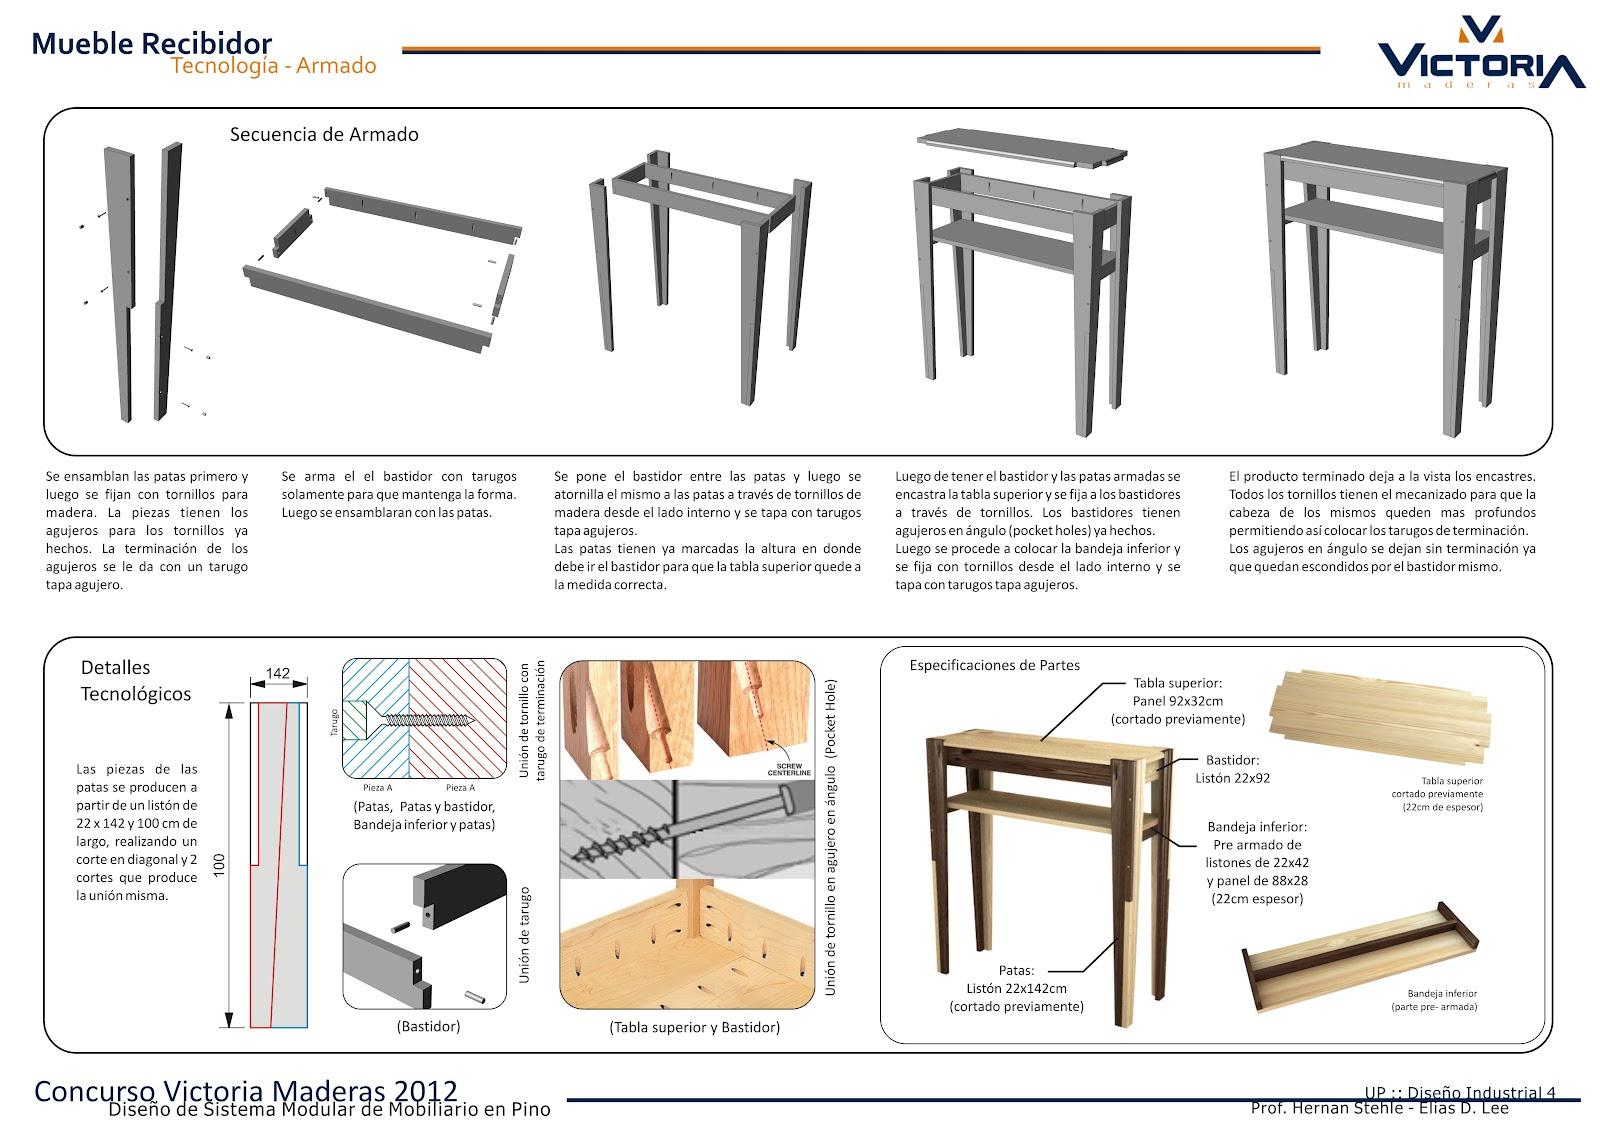 diseño industrial UP industrial design]: CONCURSO VICTORIA UP | MENCION